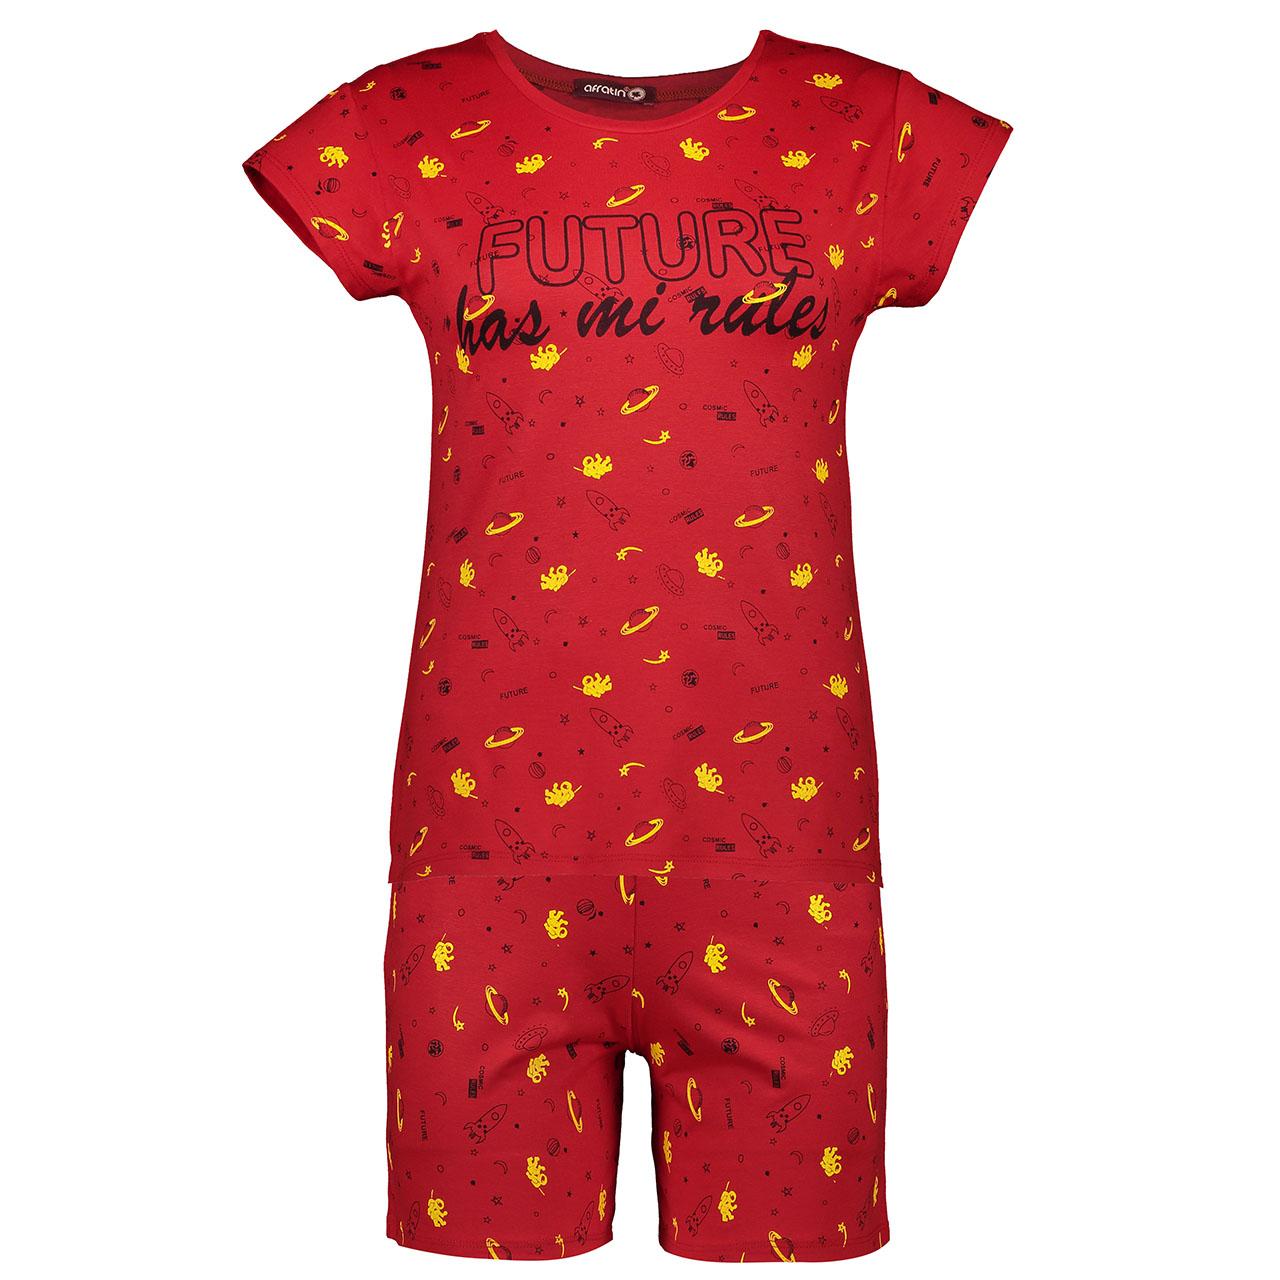 ست تی شرت و شلوارک زنانه افراتین کد 6514 رنگ قرمز